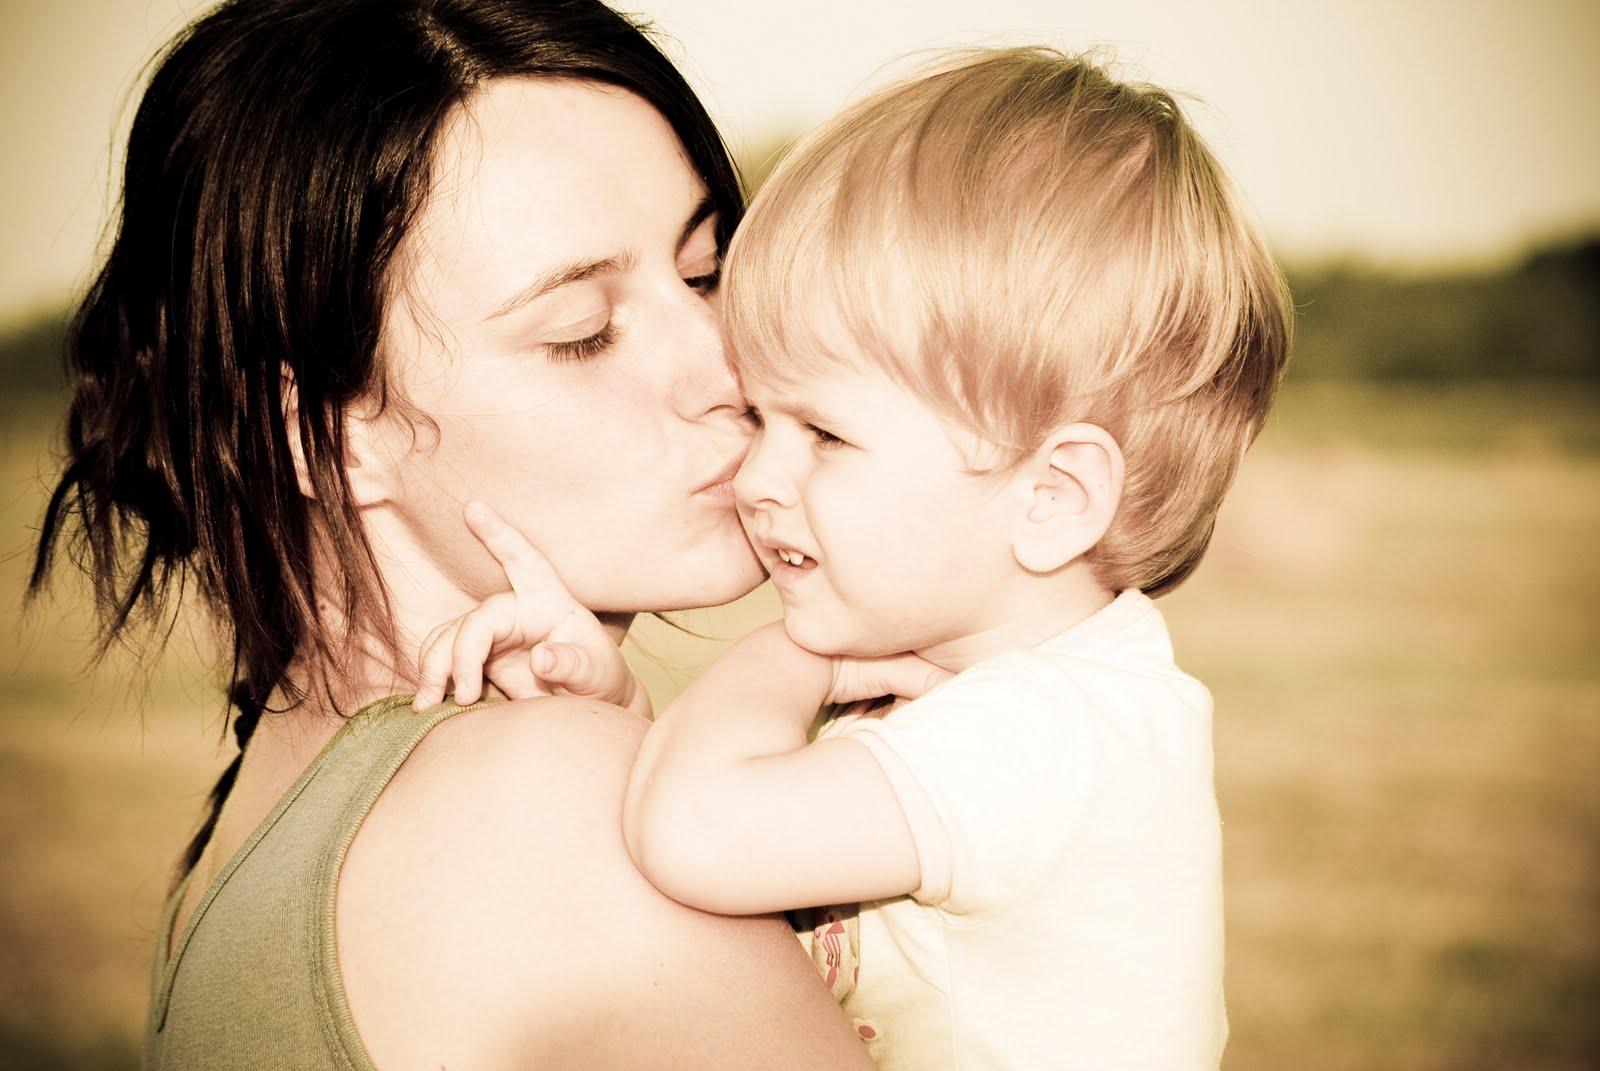 Сын скучает о груди матери 3 фотография